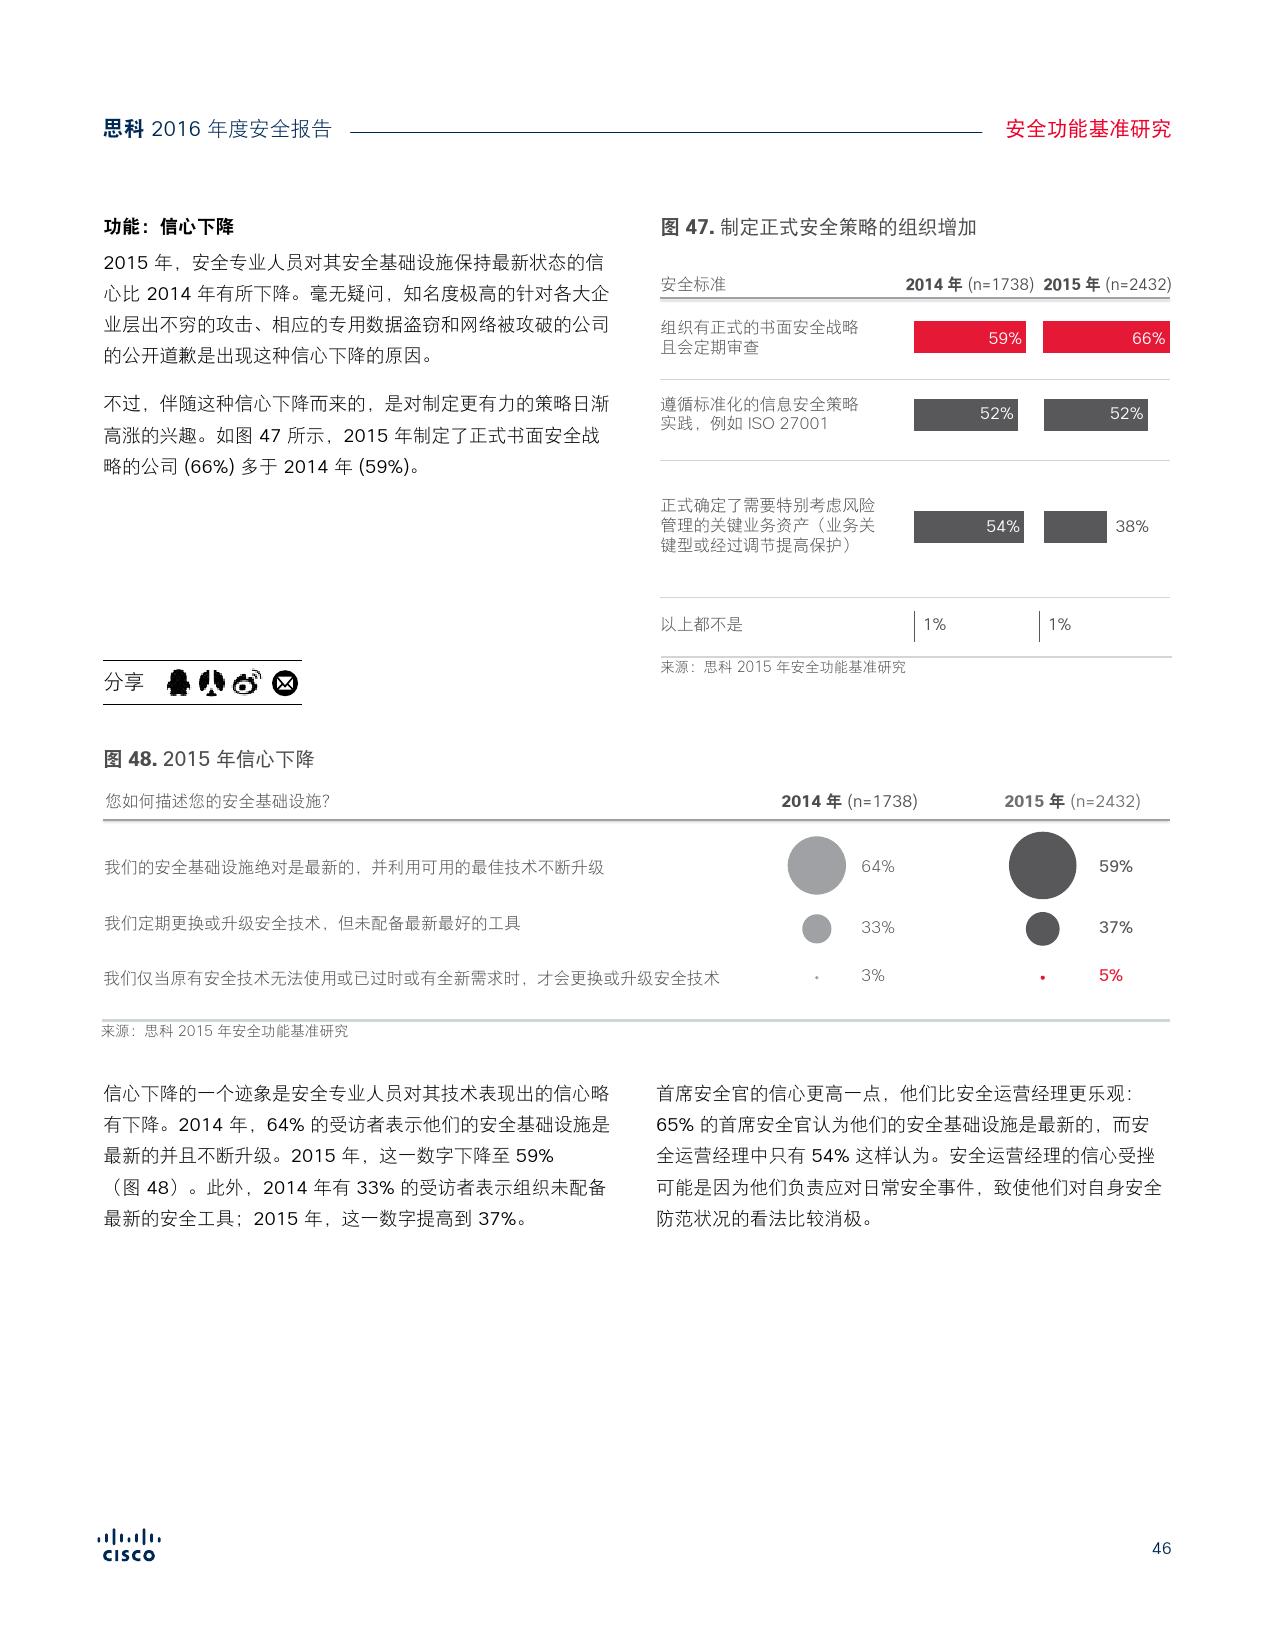 2016年中网络安全报告_000046